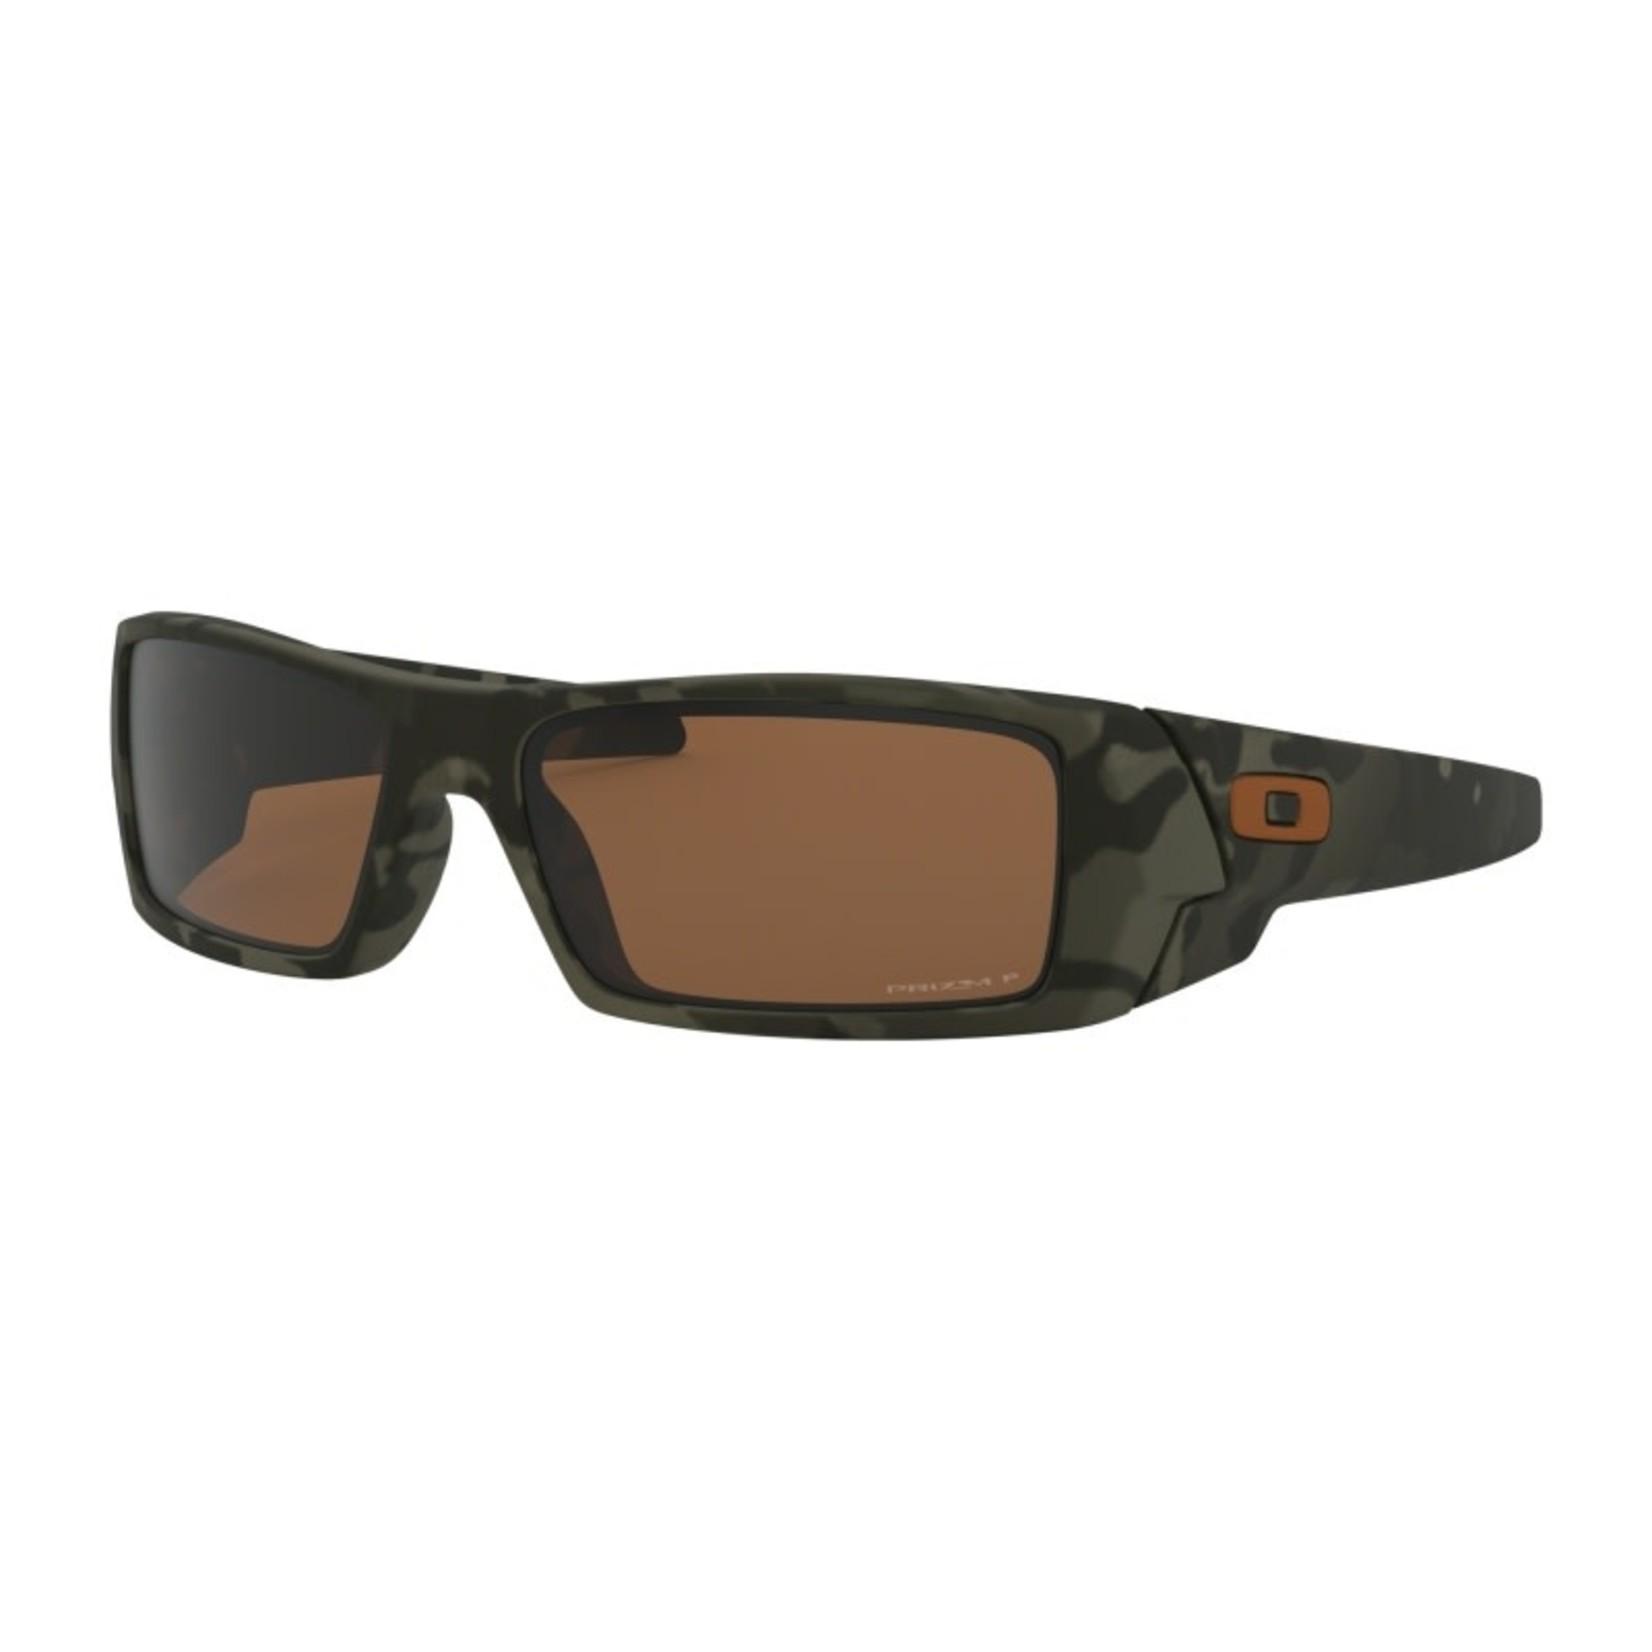 Oakley Oakley Sunglasses, Gascan, Matte Olive Camo, Prizm Tungsten Polarized